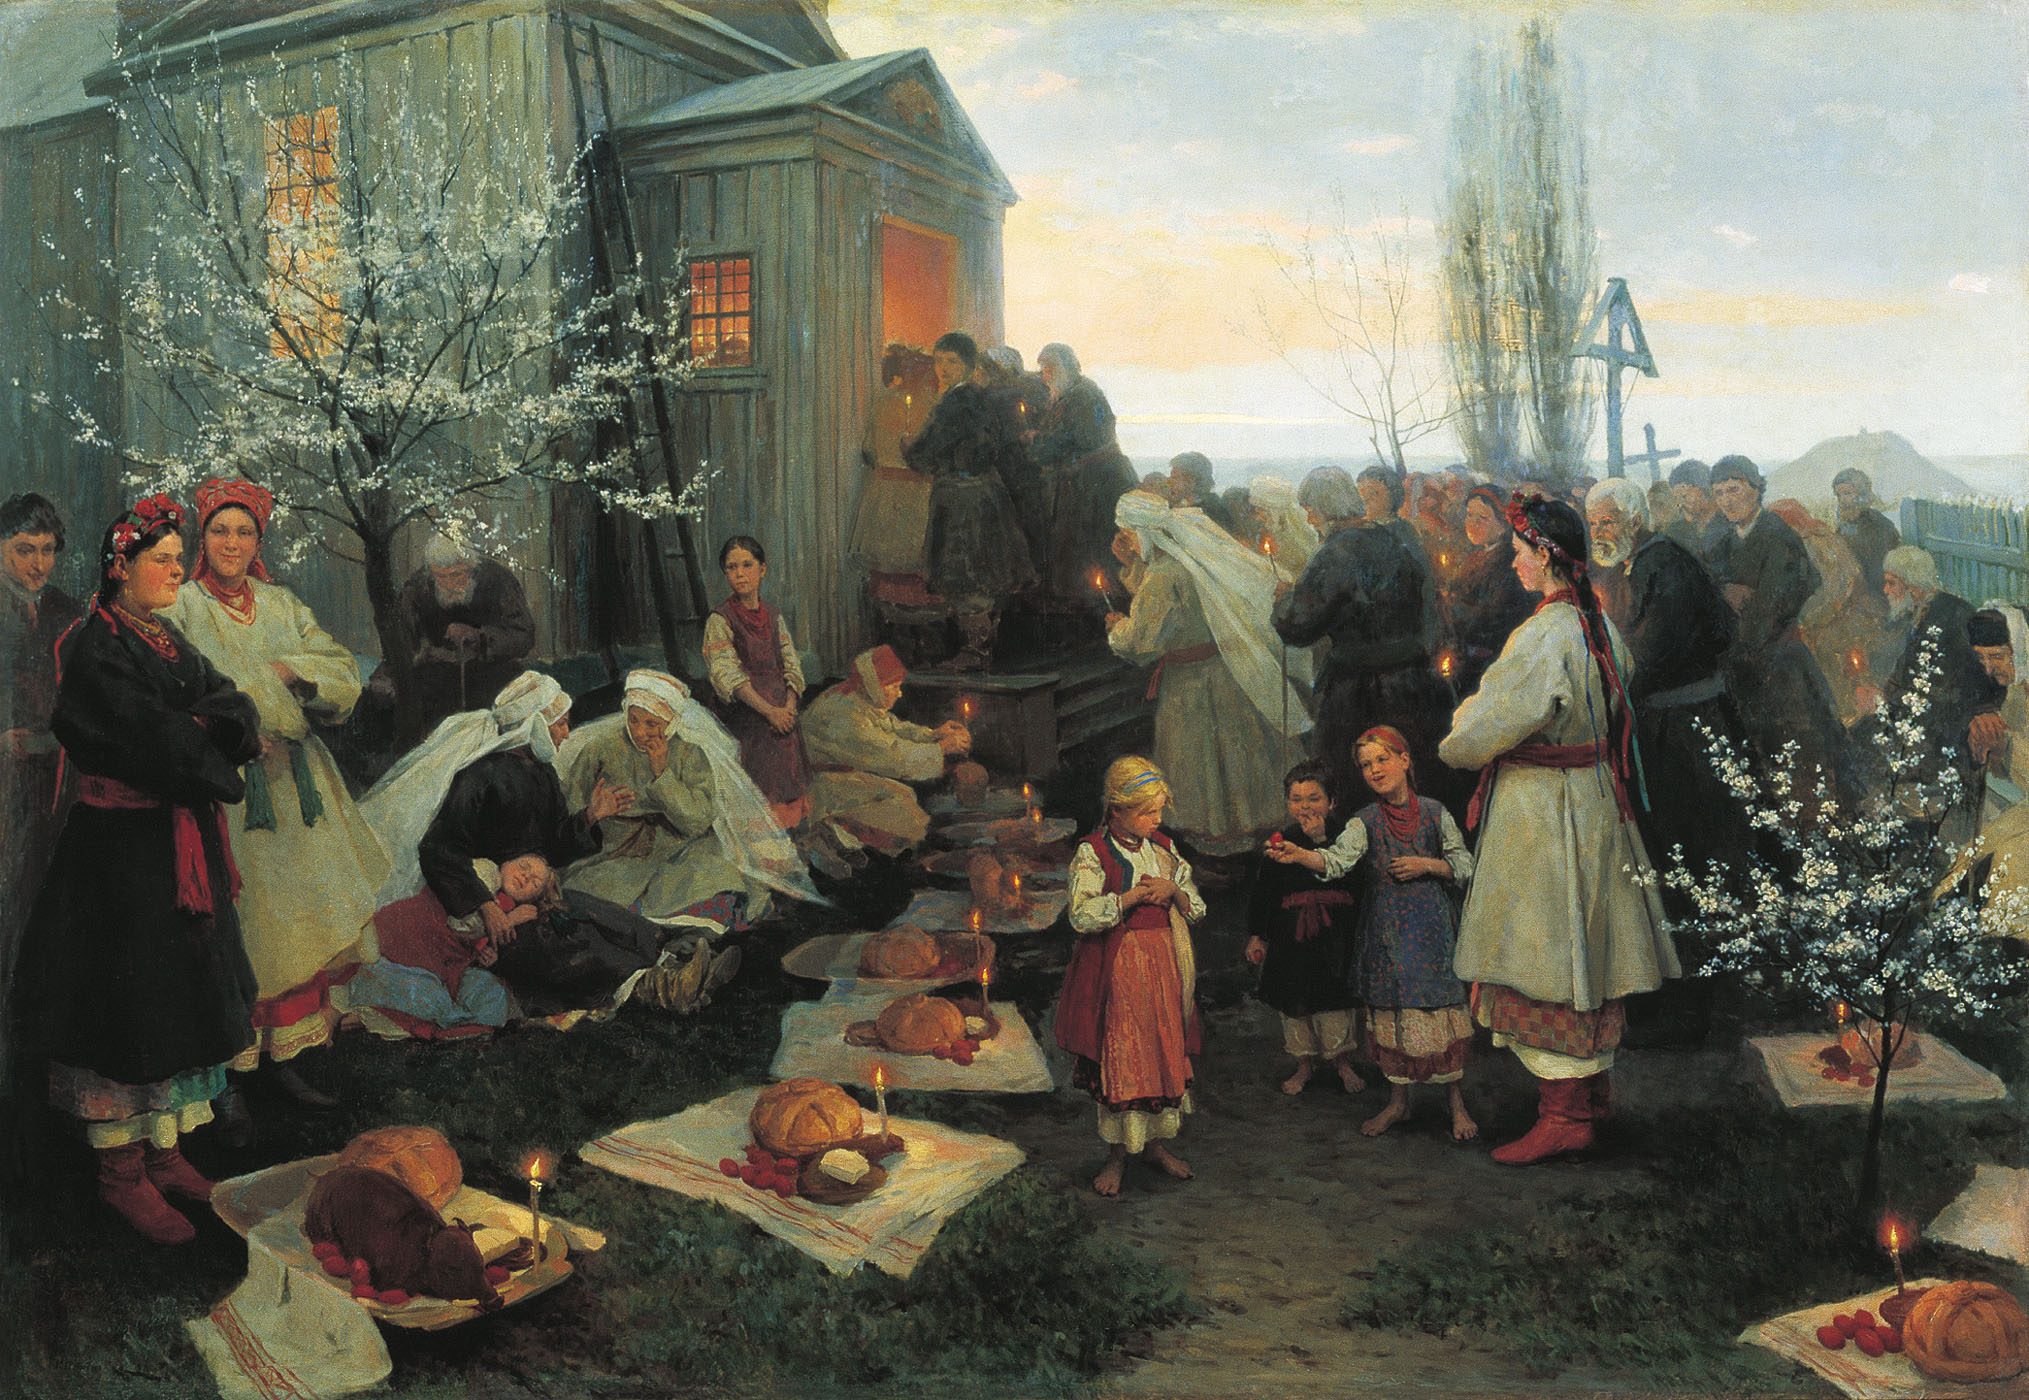 Пимоненко. Пасхальная заутреня в Малороссии. 1891